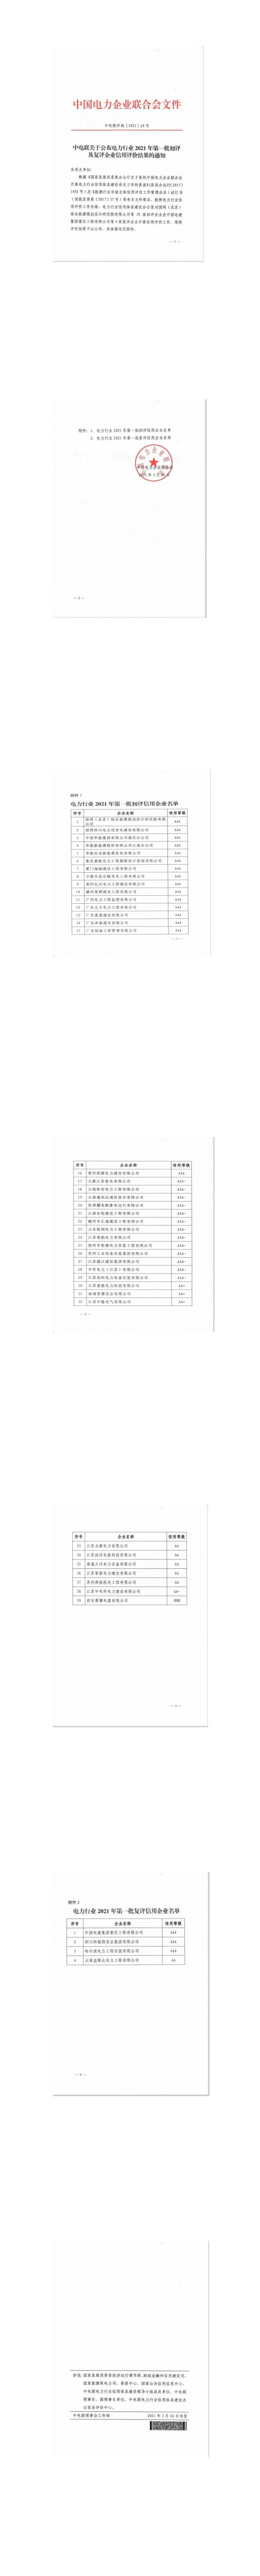 重庆评价中心第一季度通报_0.jpg